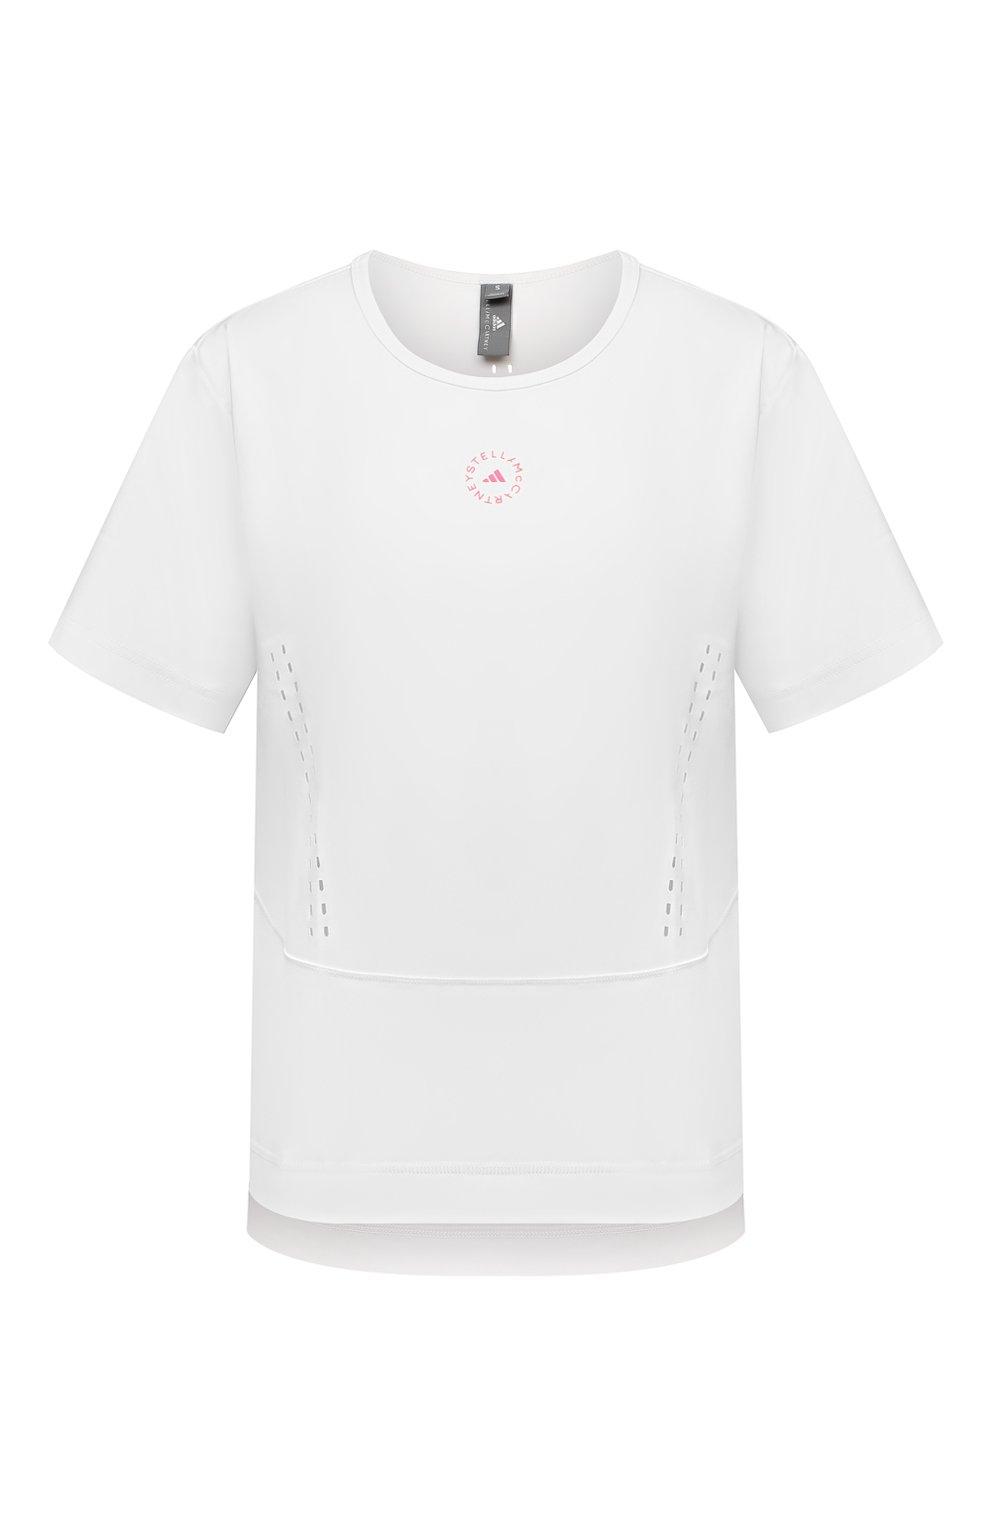 Женская футболка ADIDAS BY STELLA MCCARTNEY белого цвета, арт. GL5270 | Фото 1 (Женское Кросс-КТ: Футболка-спорт, Футболка-одежда; Рукава: Короткие; Материал внешний: Синтетический материал; Длина (для топов): Стандартные; Принт: С принтом; Стили: Спорт-шик)